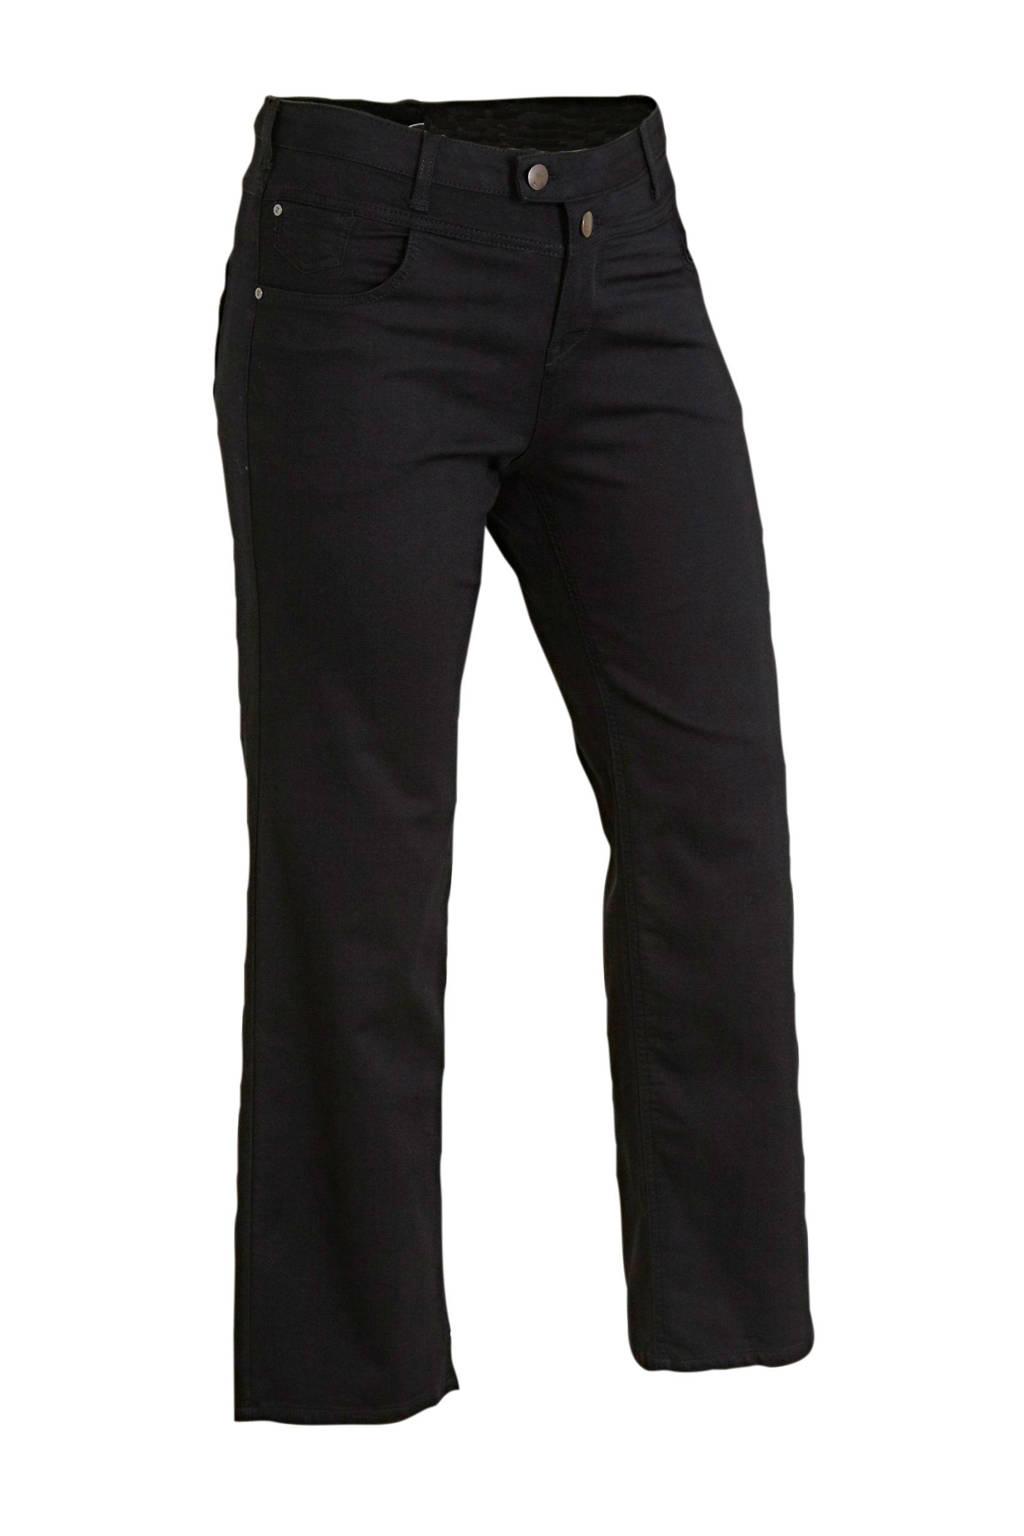 Zizzi high waist straight fit jeans zwart lengtemaat 34, Zwart